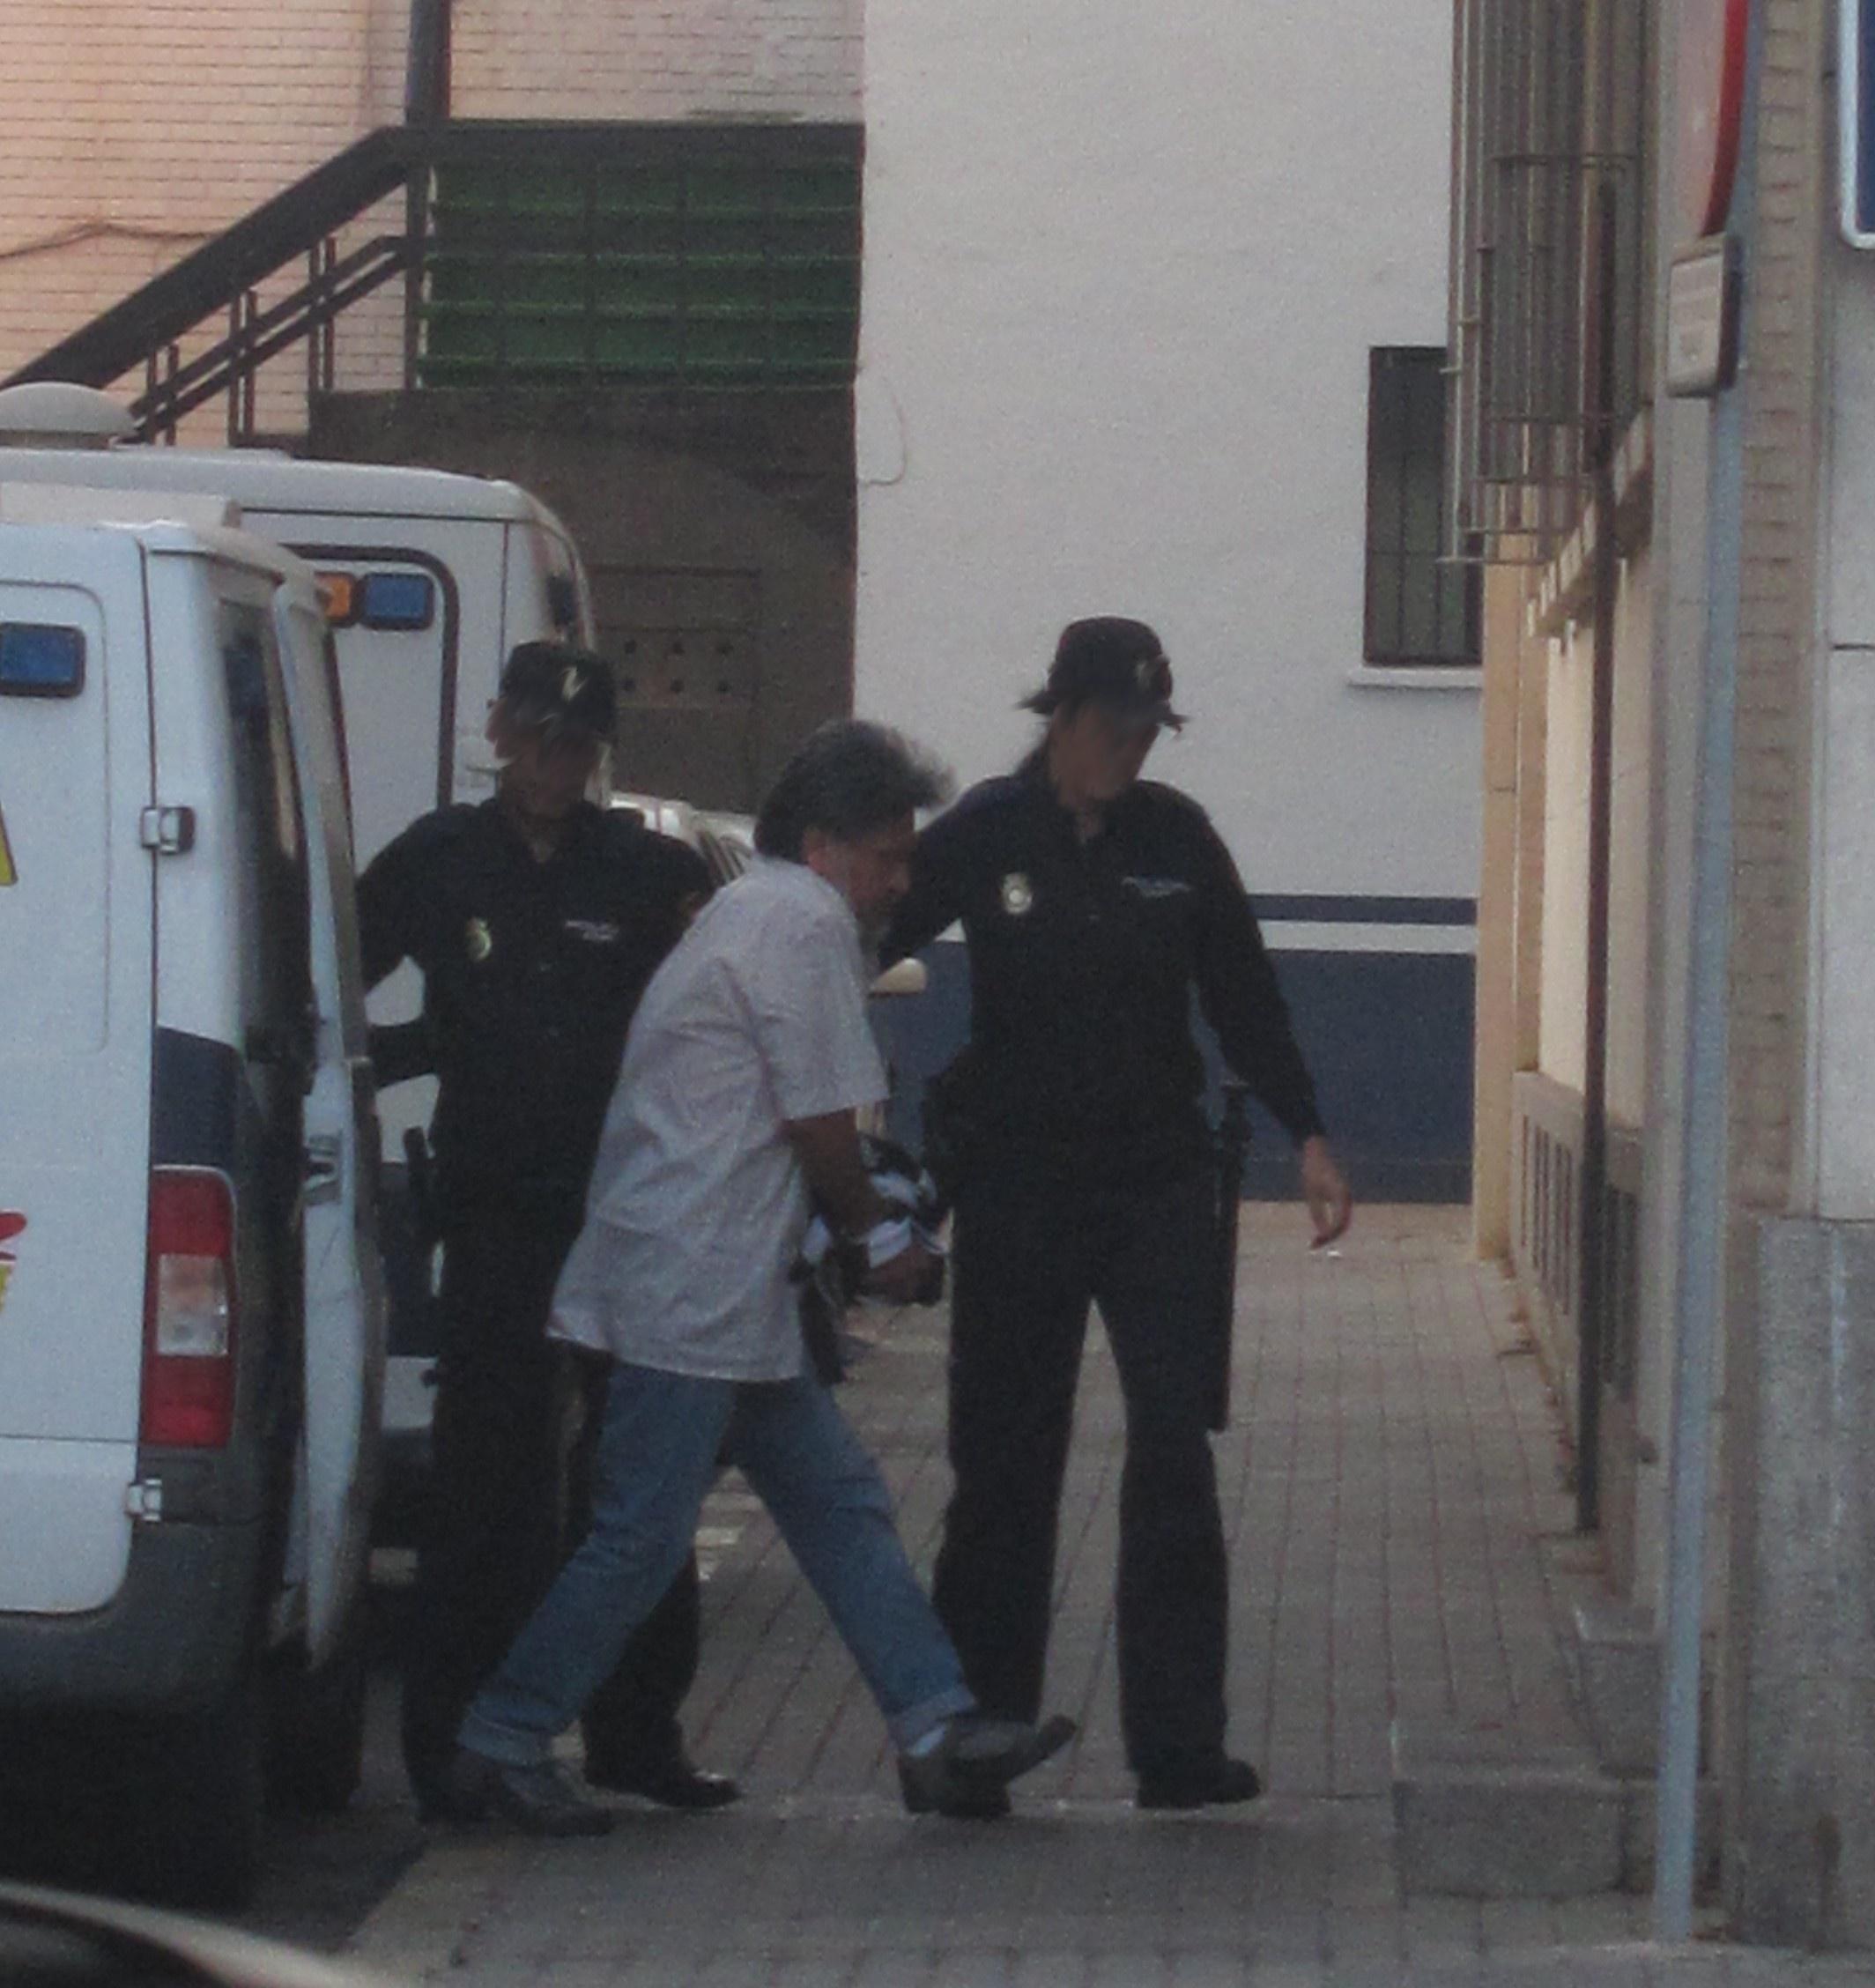 La Audiencia analizará el recurso a la prórroga de prisión del acusado del crimen de Almonaster